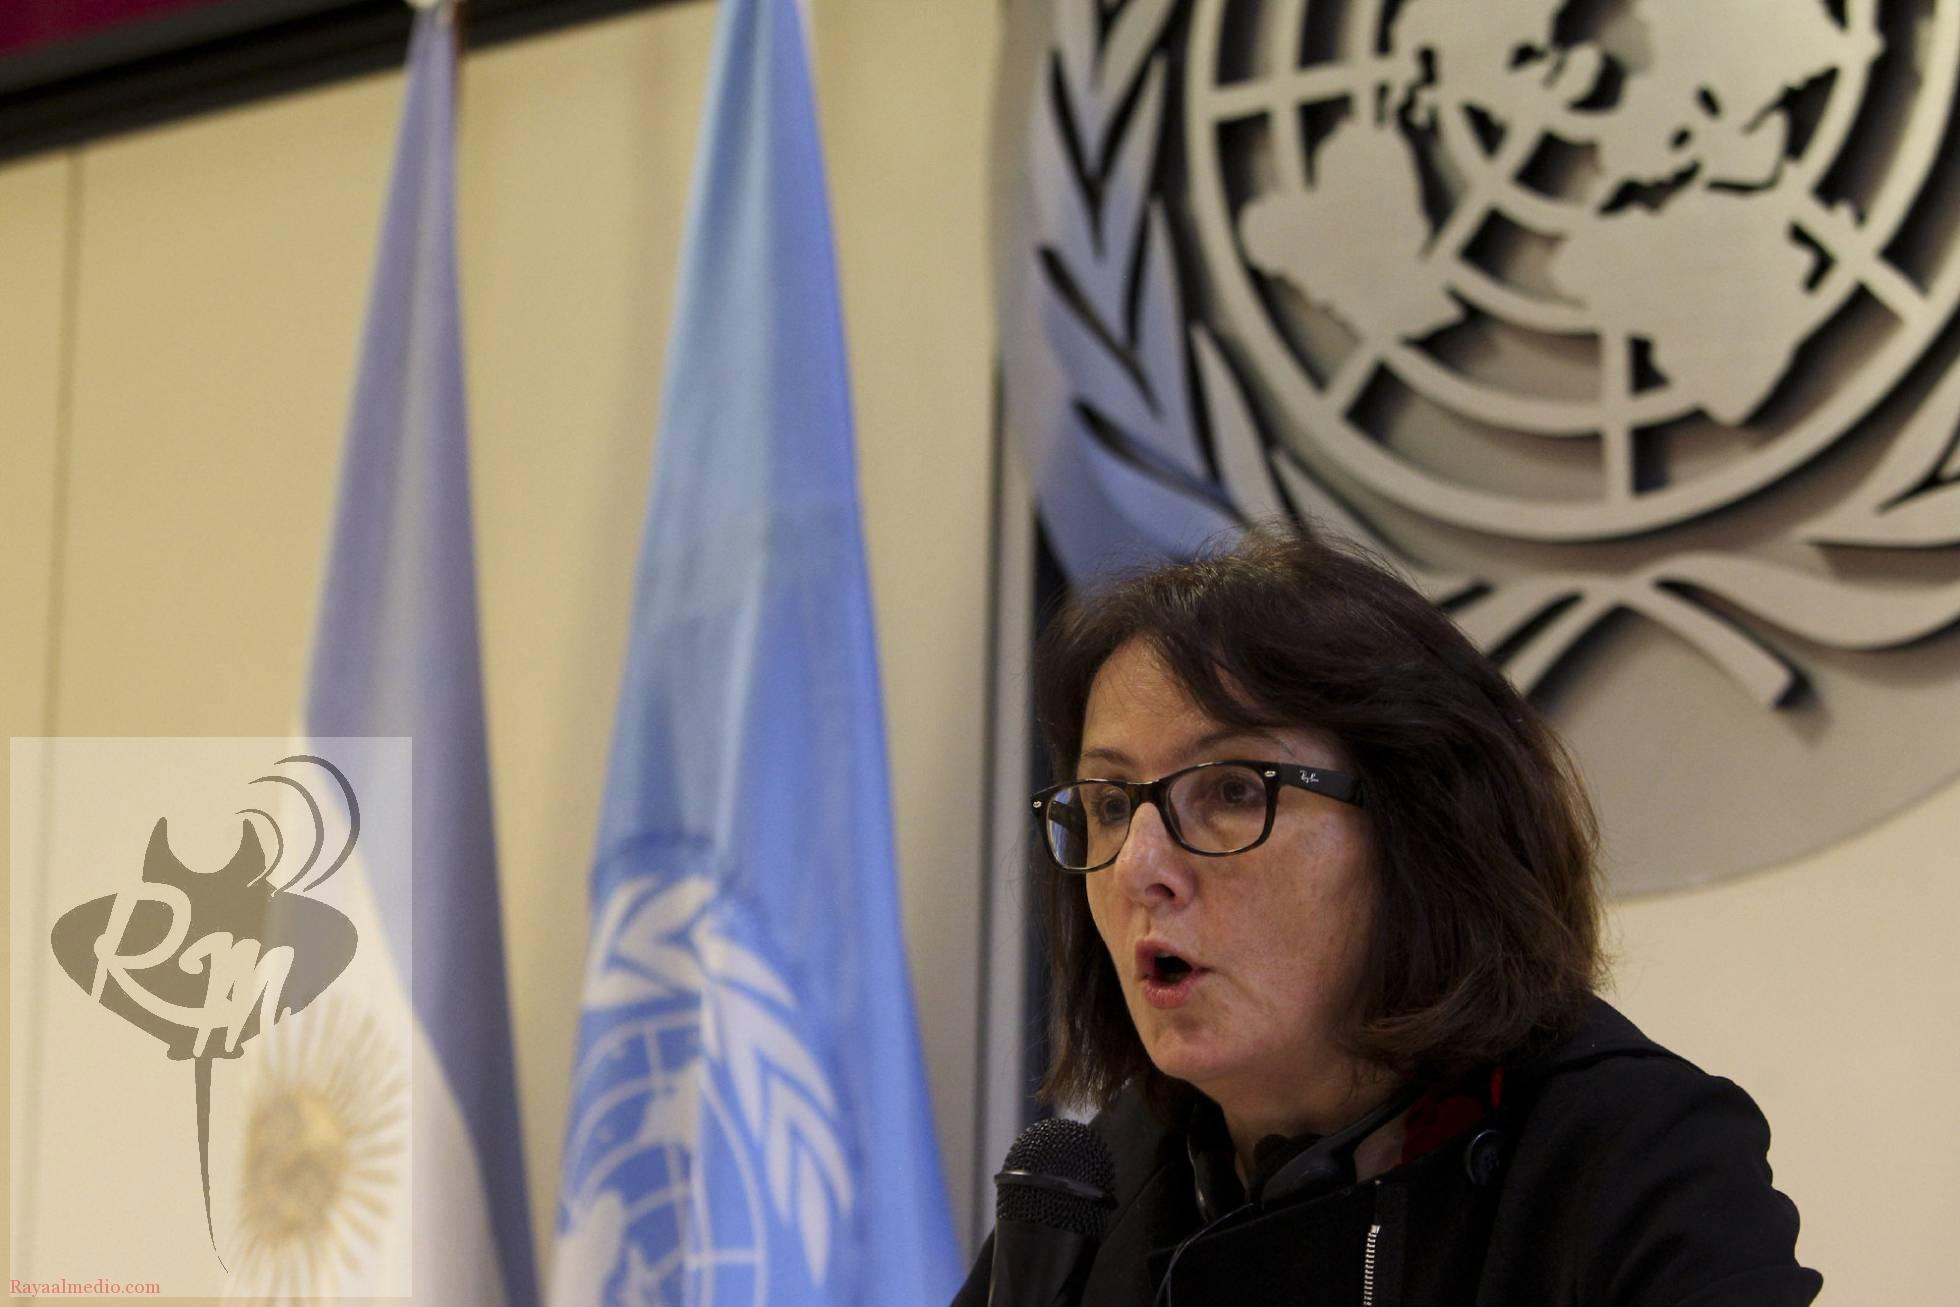 ONU: Argentina viola los derechos humanos por impedir el acceso al aborto legal